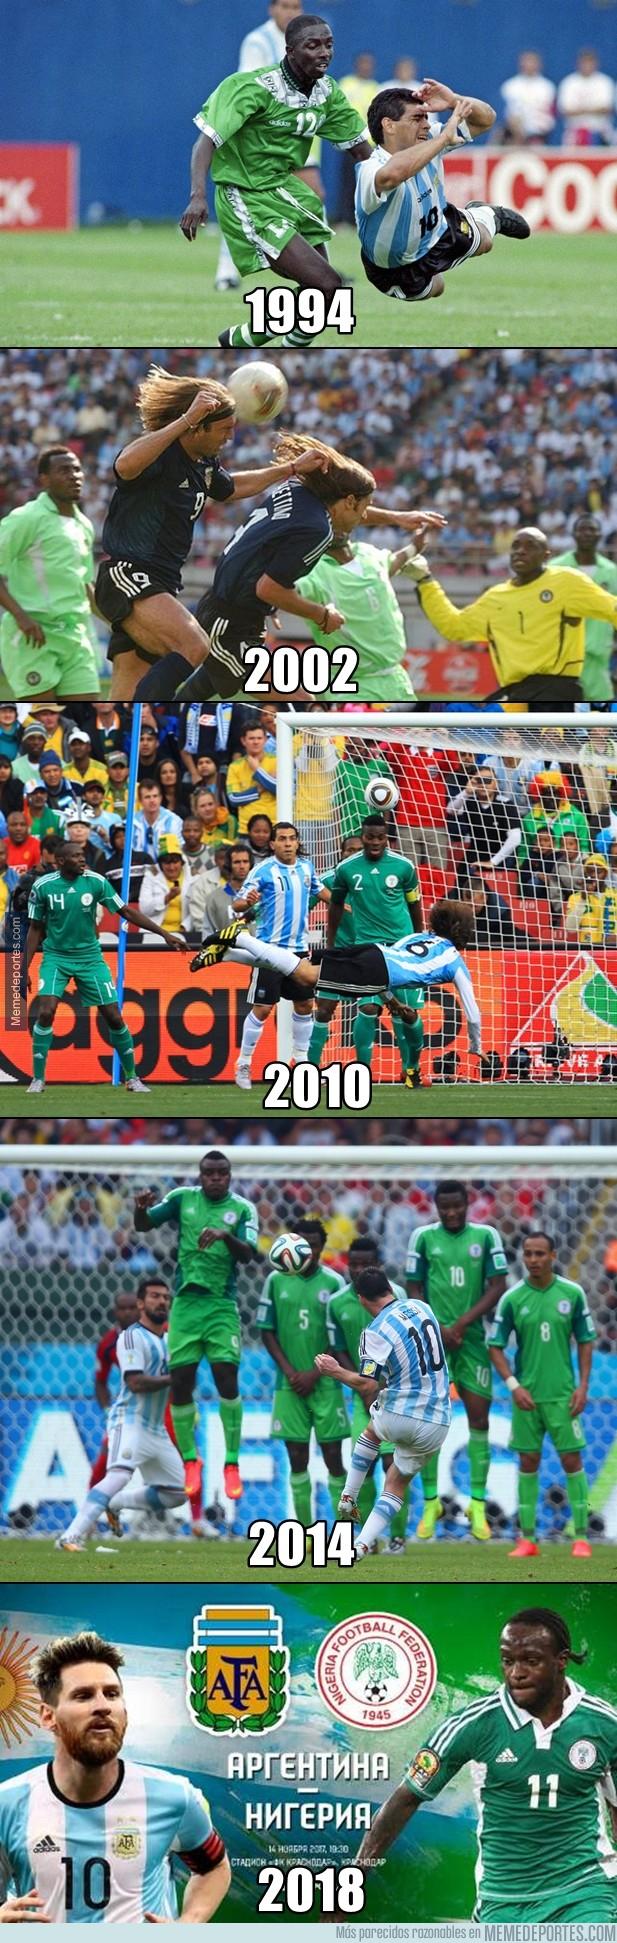 1009866 - Uno de los partidos más repetidos en fase de grupos del Mundial. El tercero consecutivo